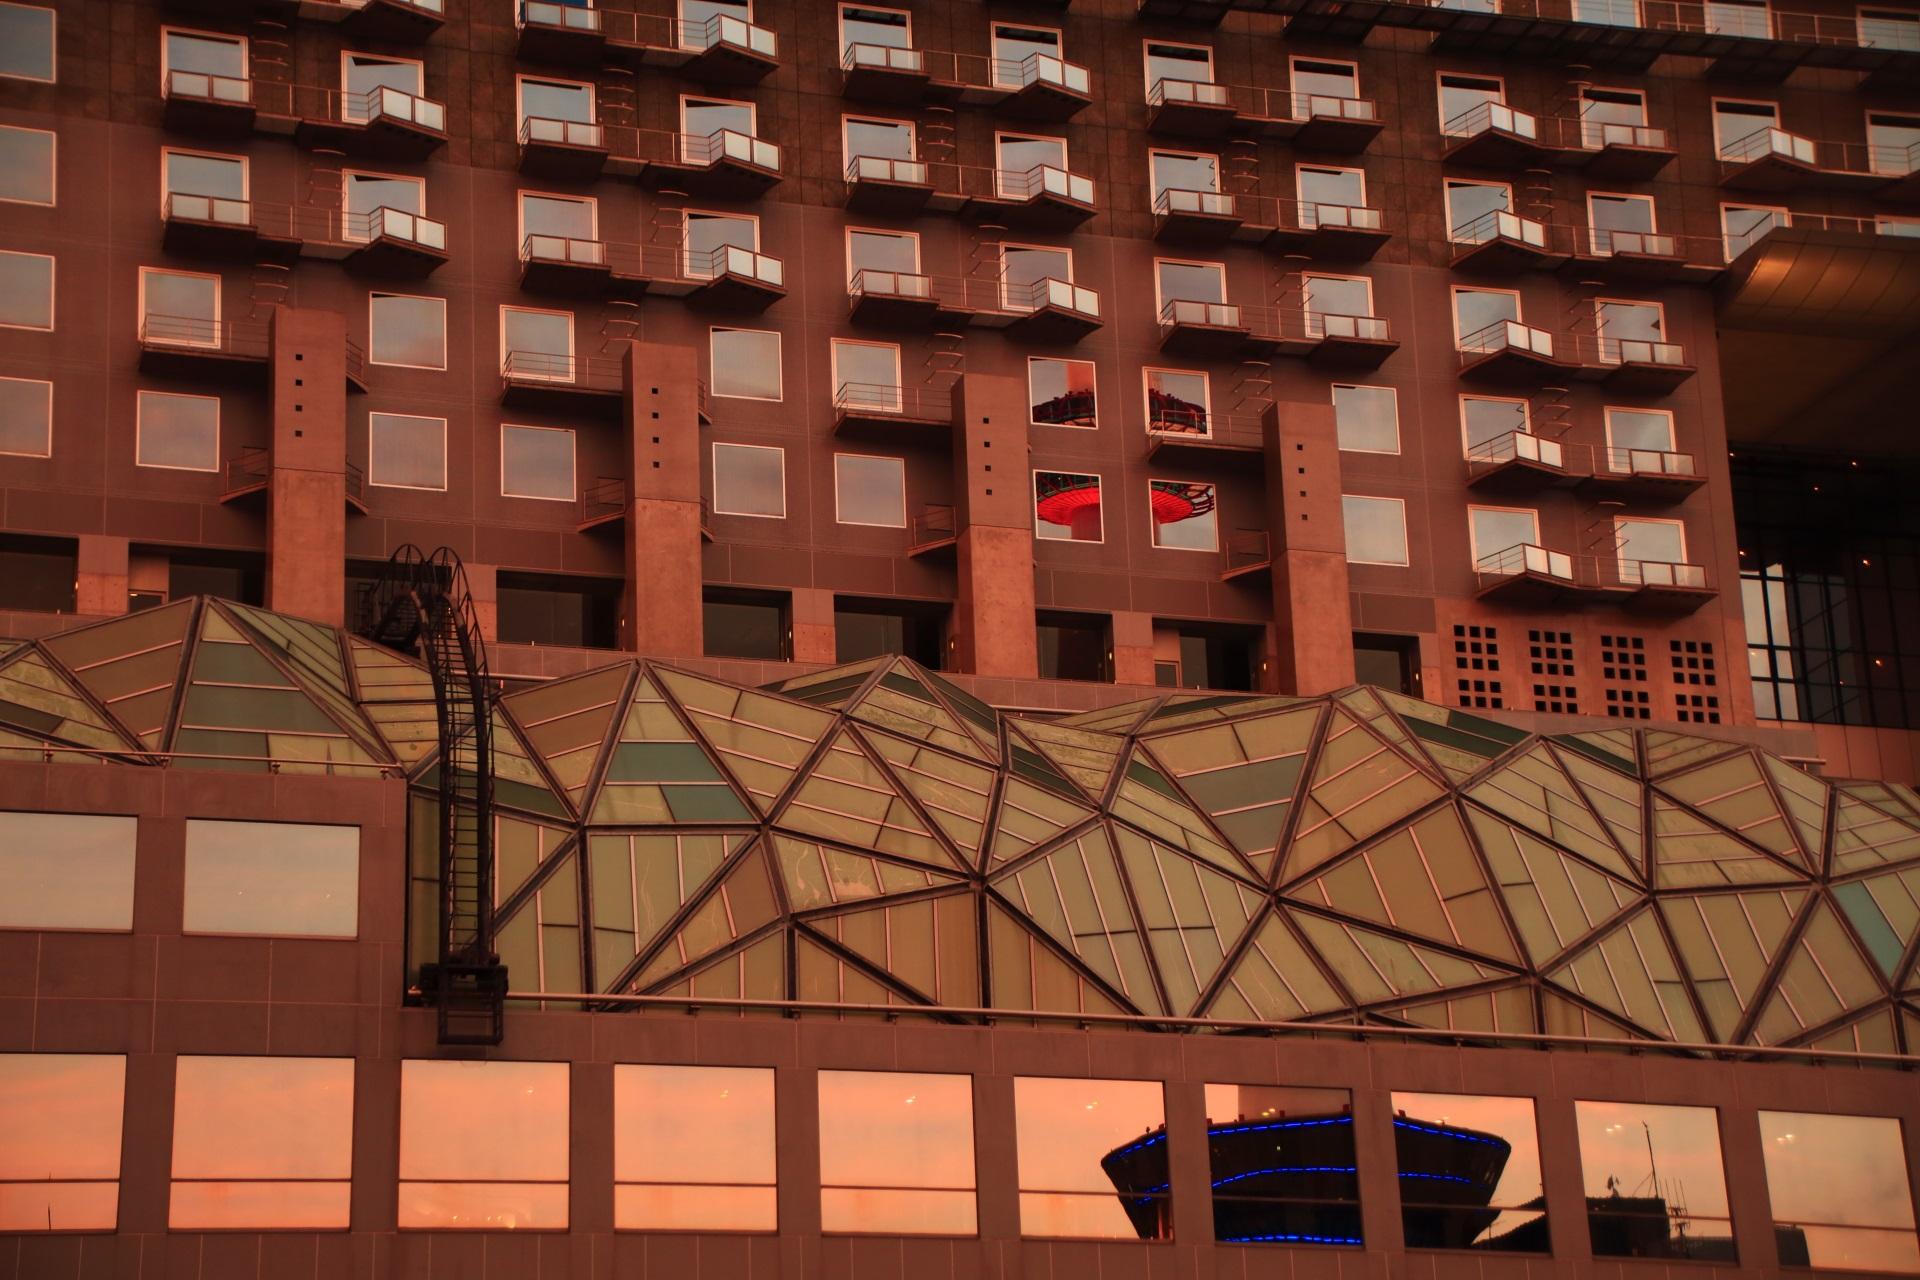 京都タワーも映る淡い空を映し出すホテルグランヴィア京都の窓ガラス